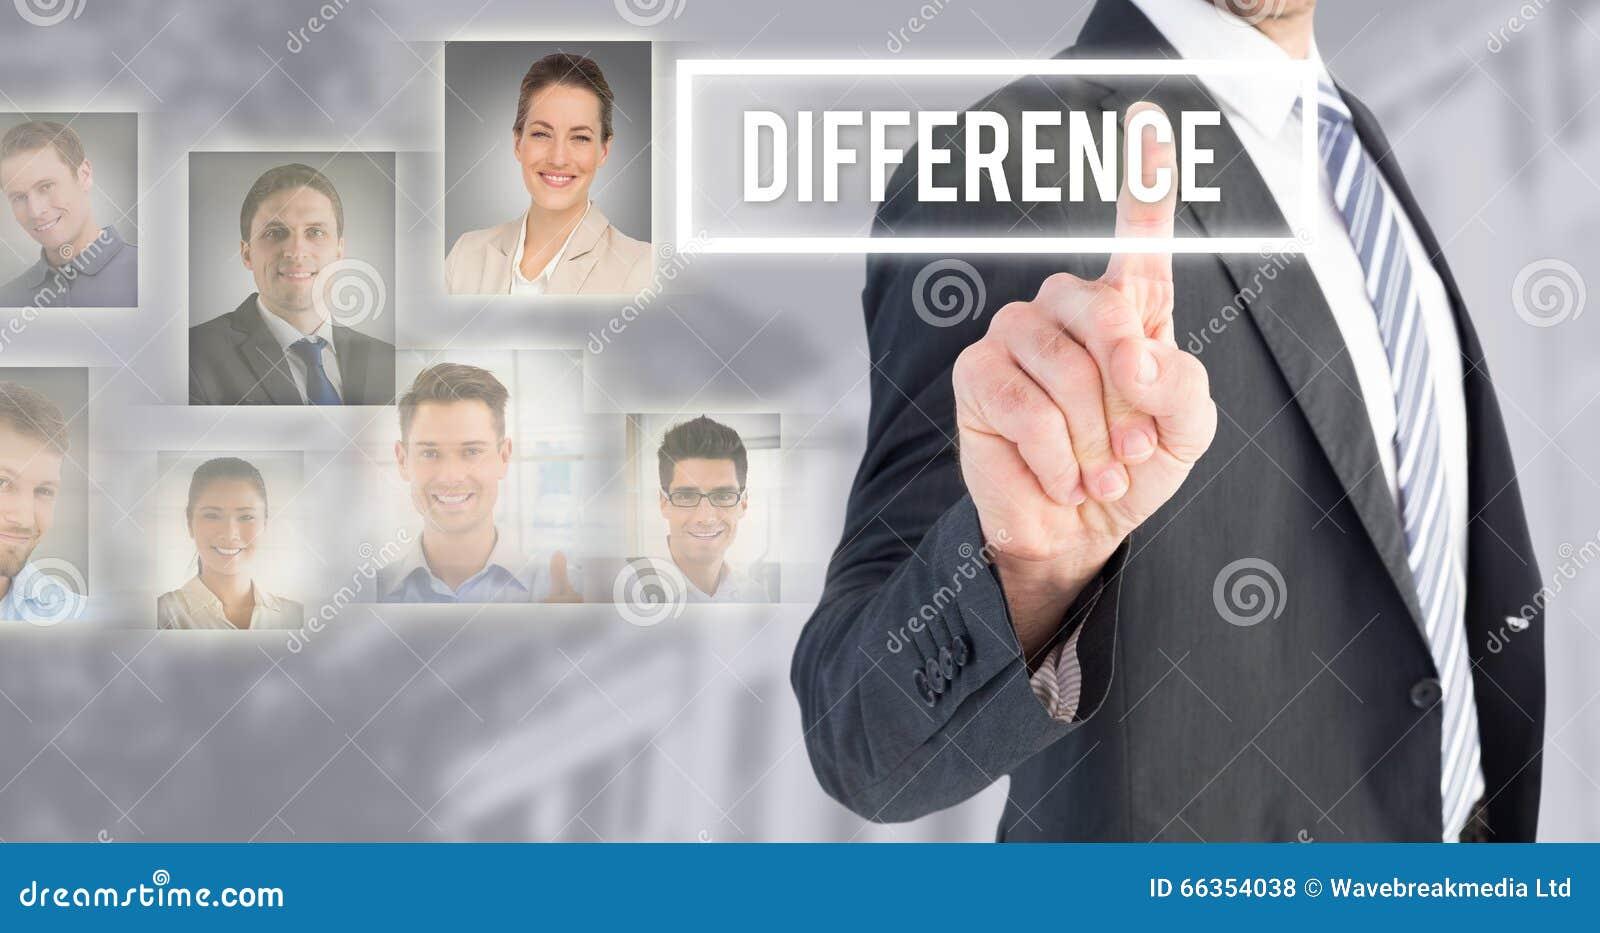 Σύνθετη εικόνα του επιχειρηματία που δείχνει με το δάχτυλό του